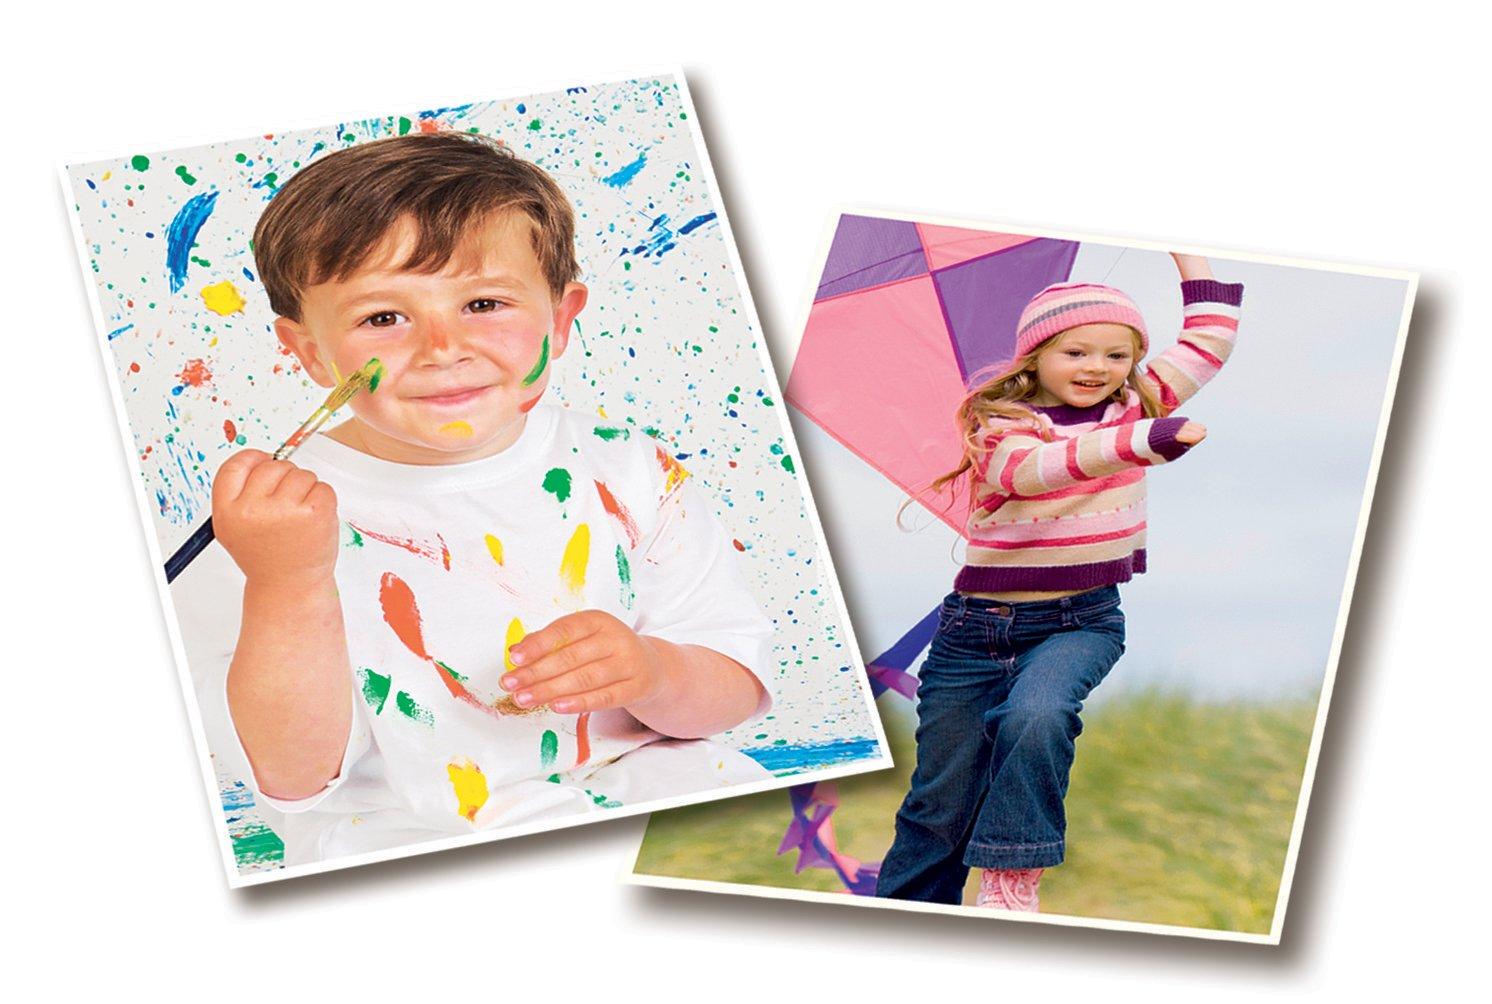 75 Blatt AVERY Zweckform 2567-75 Classic Inkjet Fotopapier A4, einseitig beschichtet, gl/änzend, 125 g//m/²